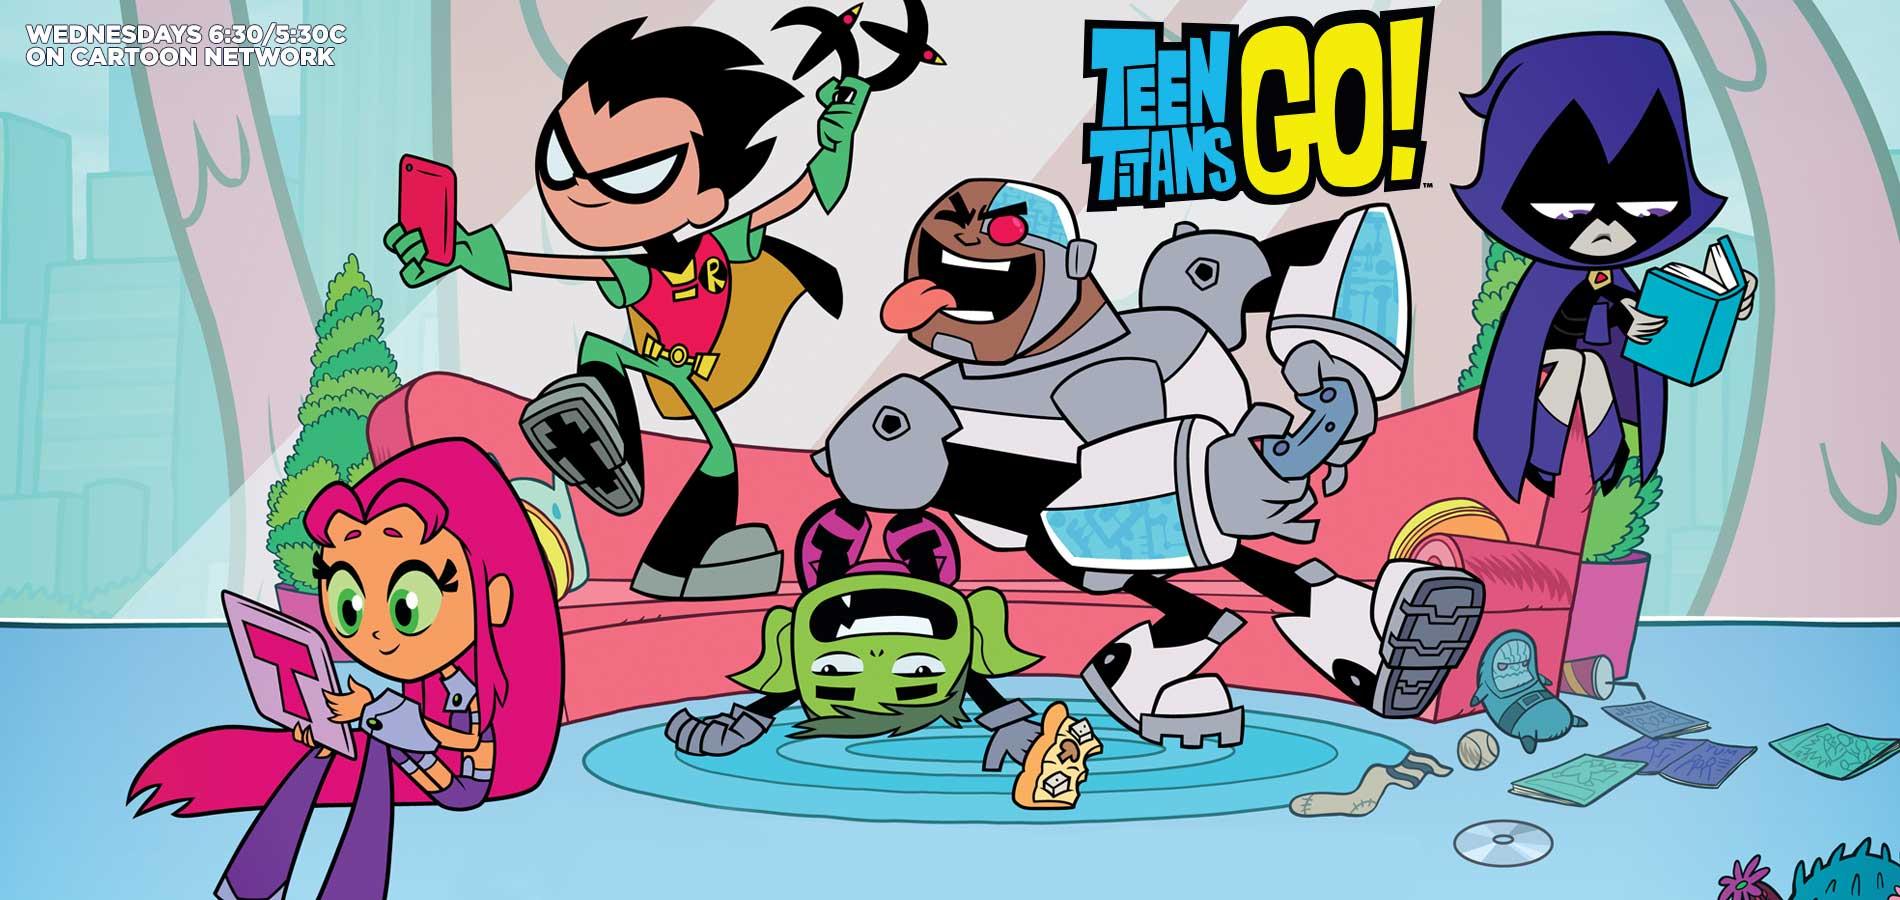 Którą postacią z Teen titans jesteś